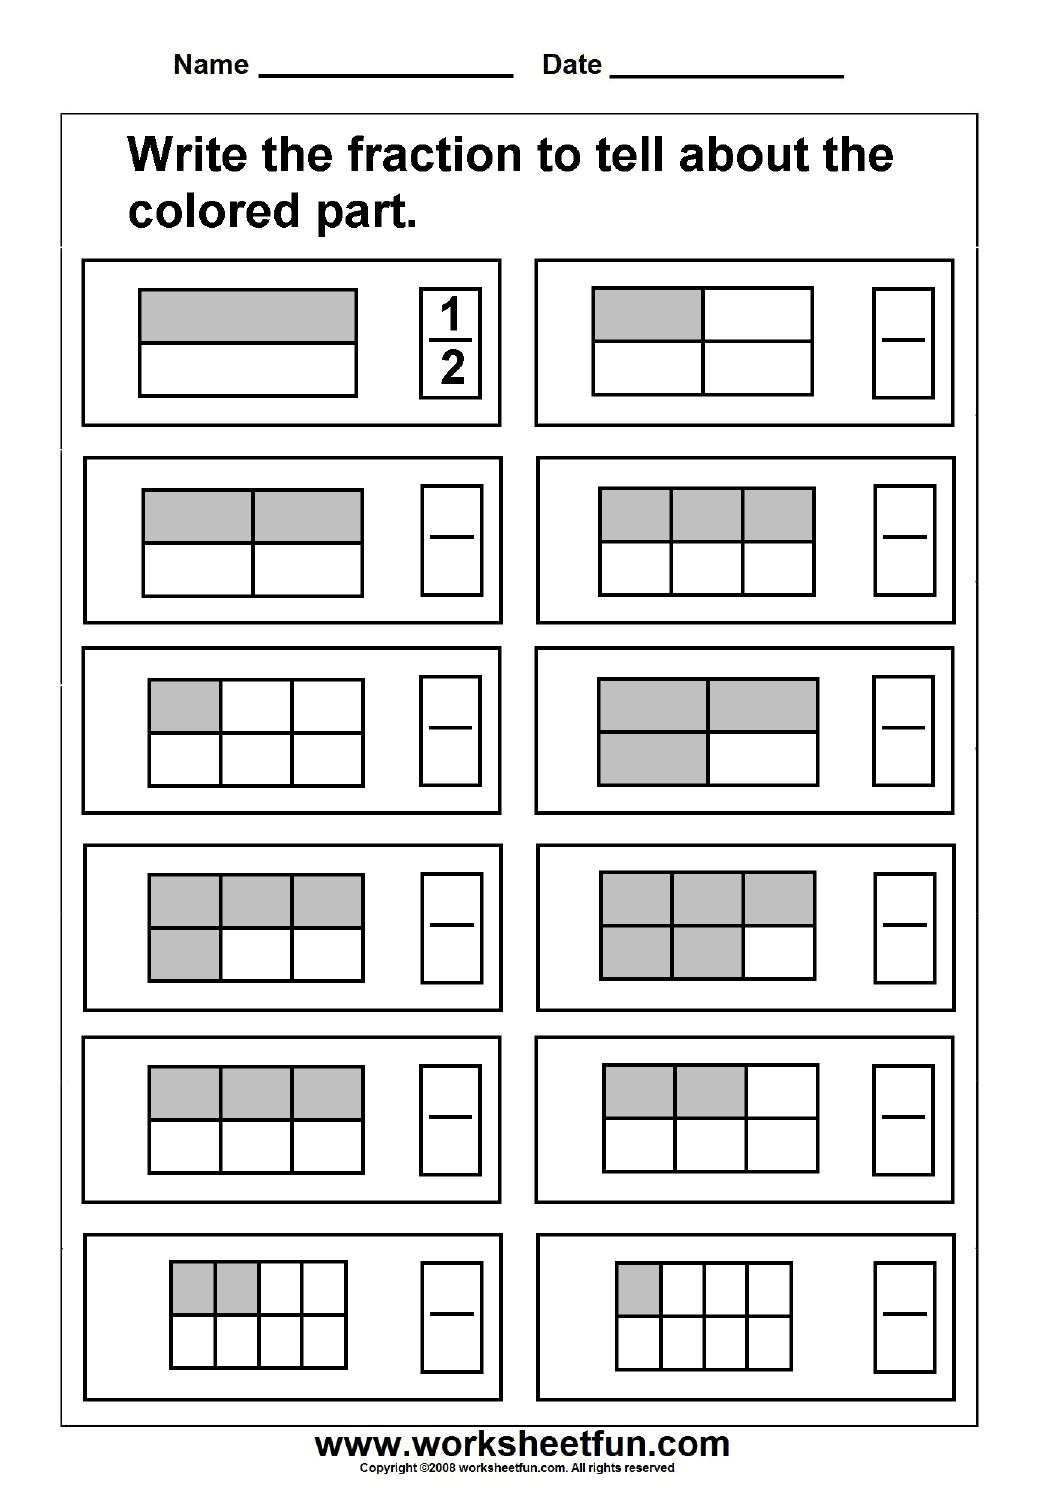 Fraction Model / Free Printable Worksheets – Worksheetfun - Free Printable Fraction Worksheets